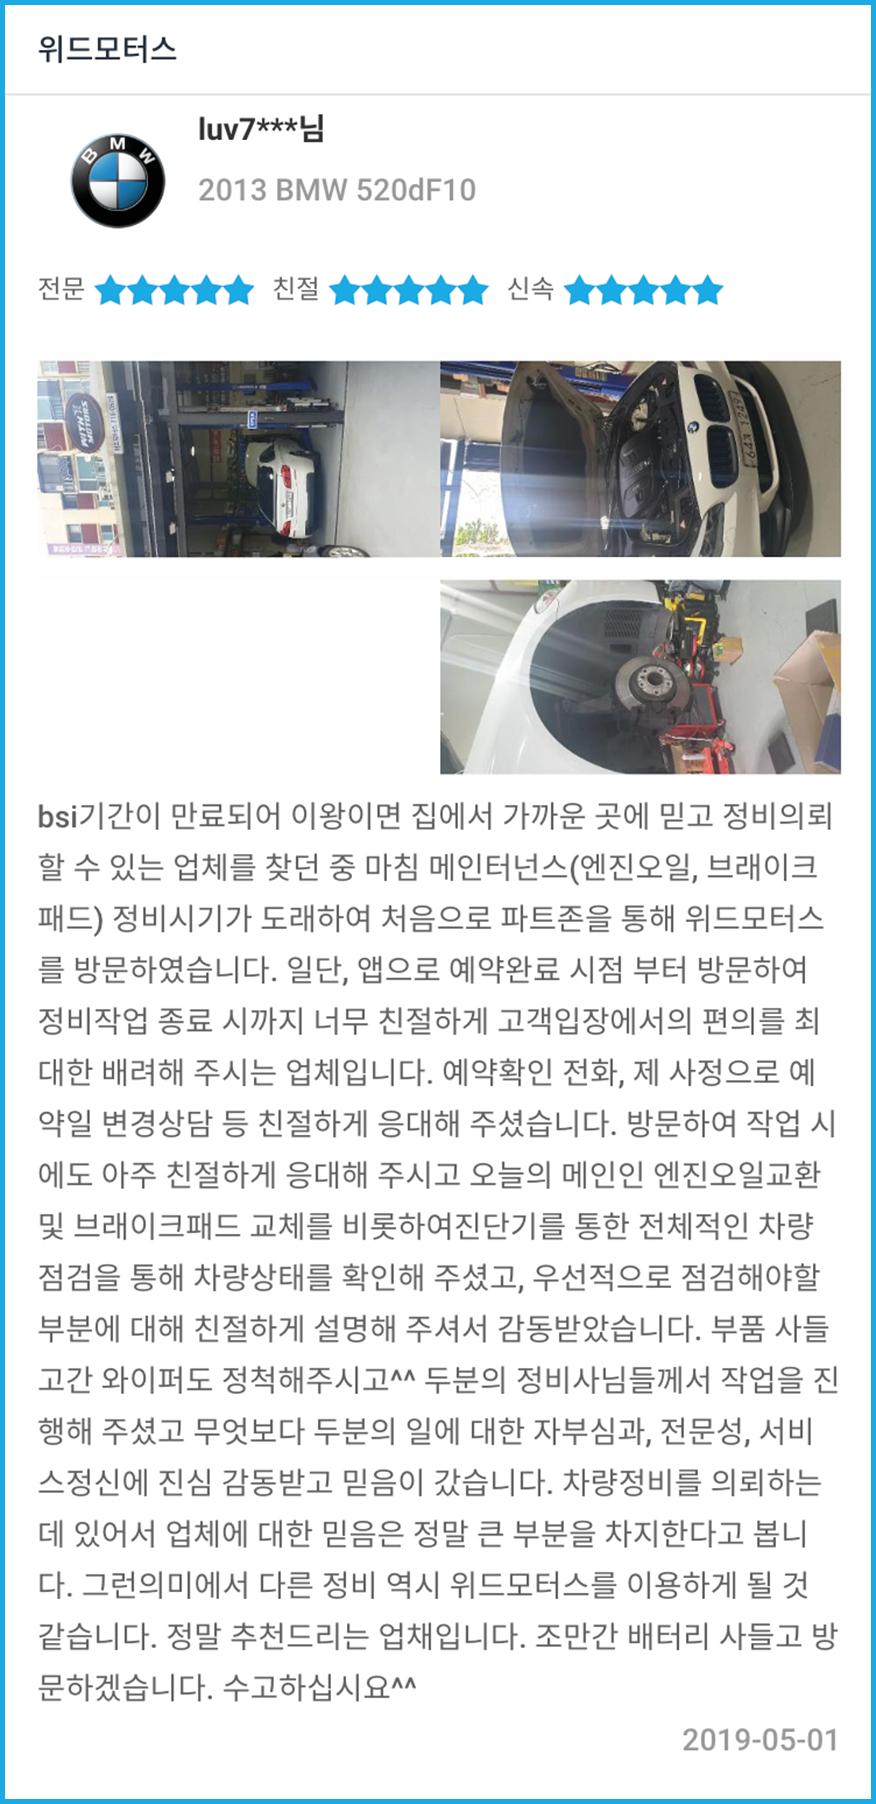 훅쓰오 우수 후기 컨테스트 업체평 4월 4주차 당선 후기